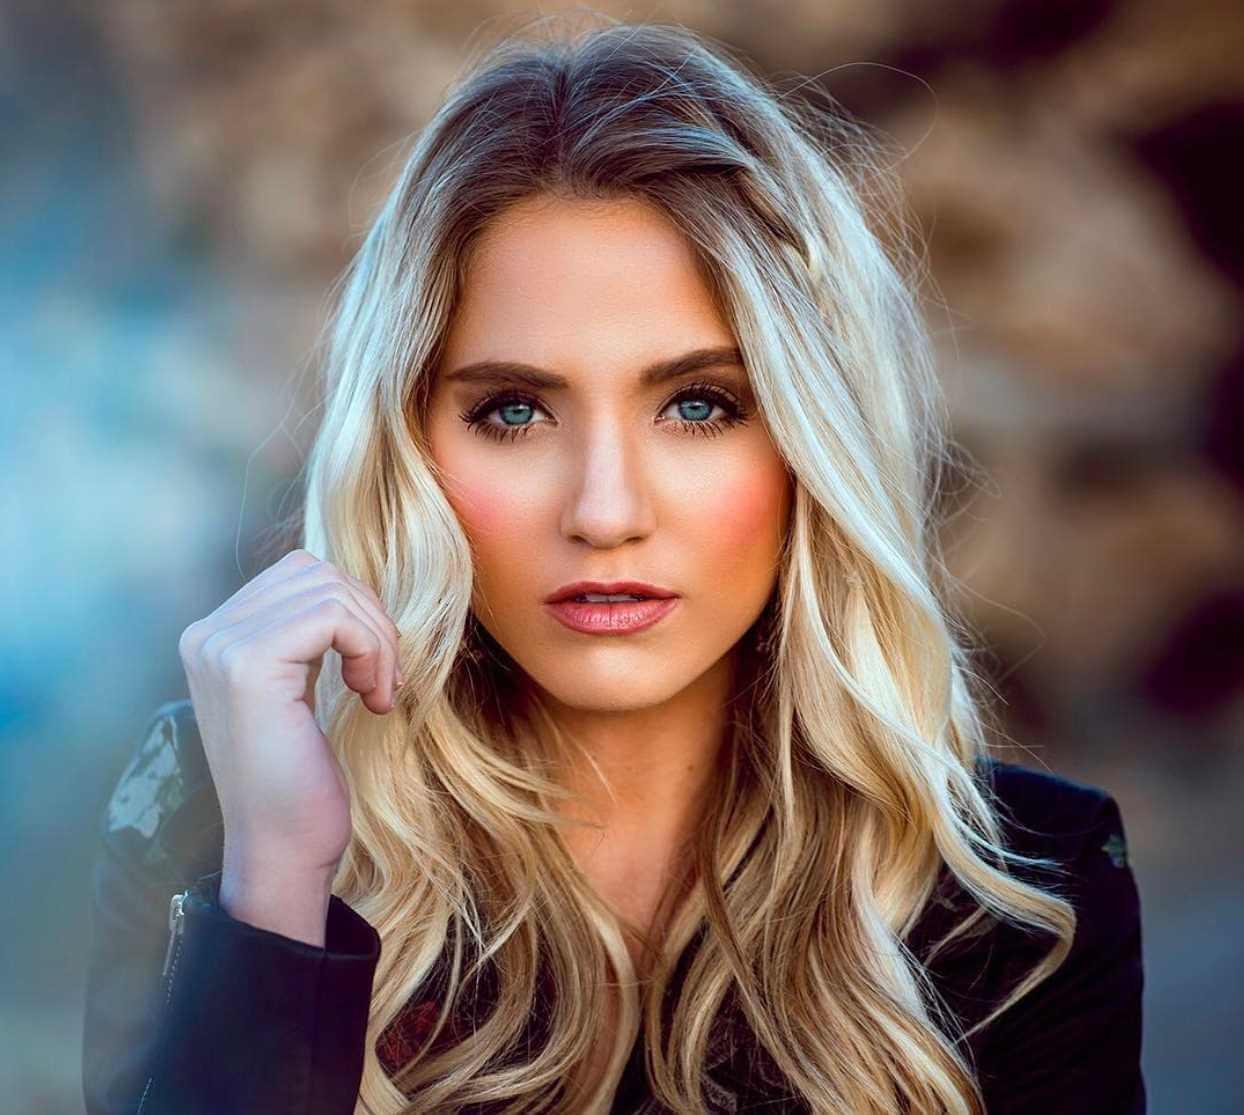 Savannah LaBrant Photo